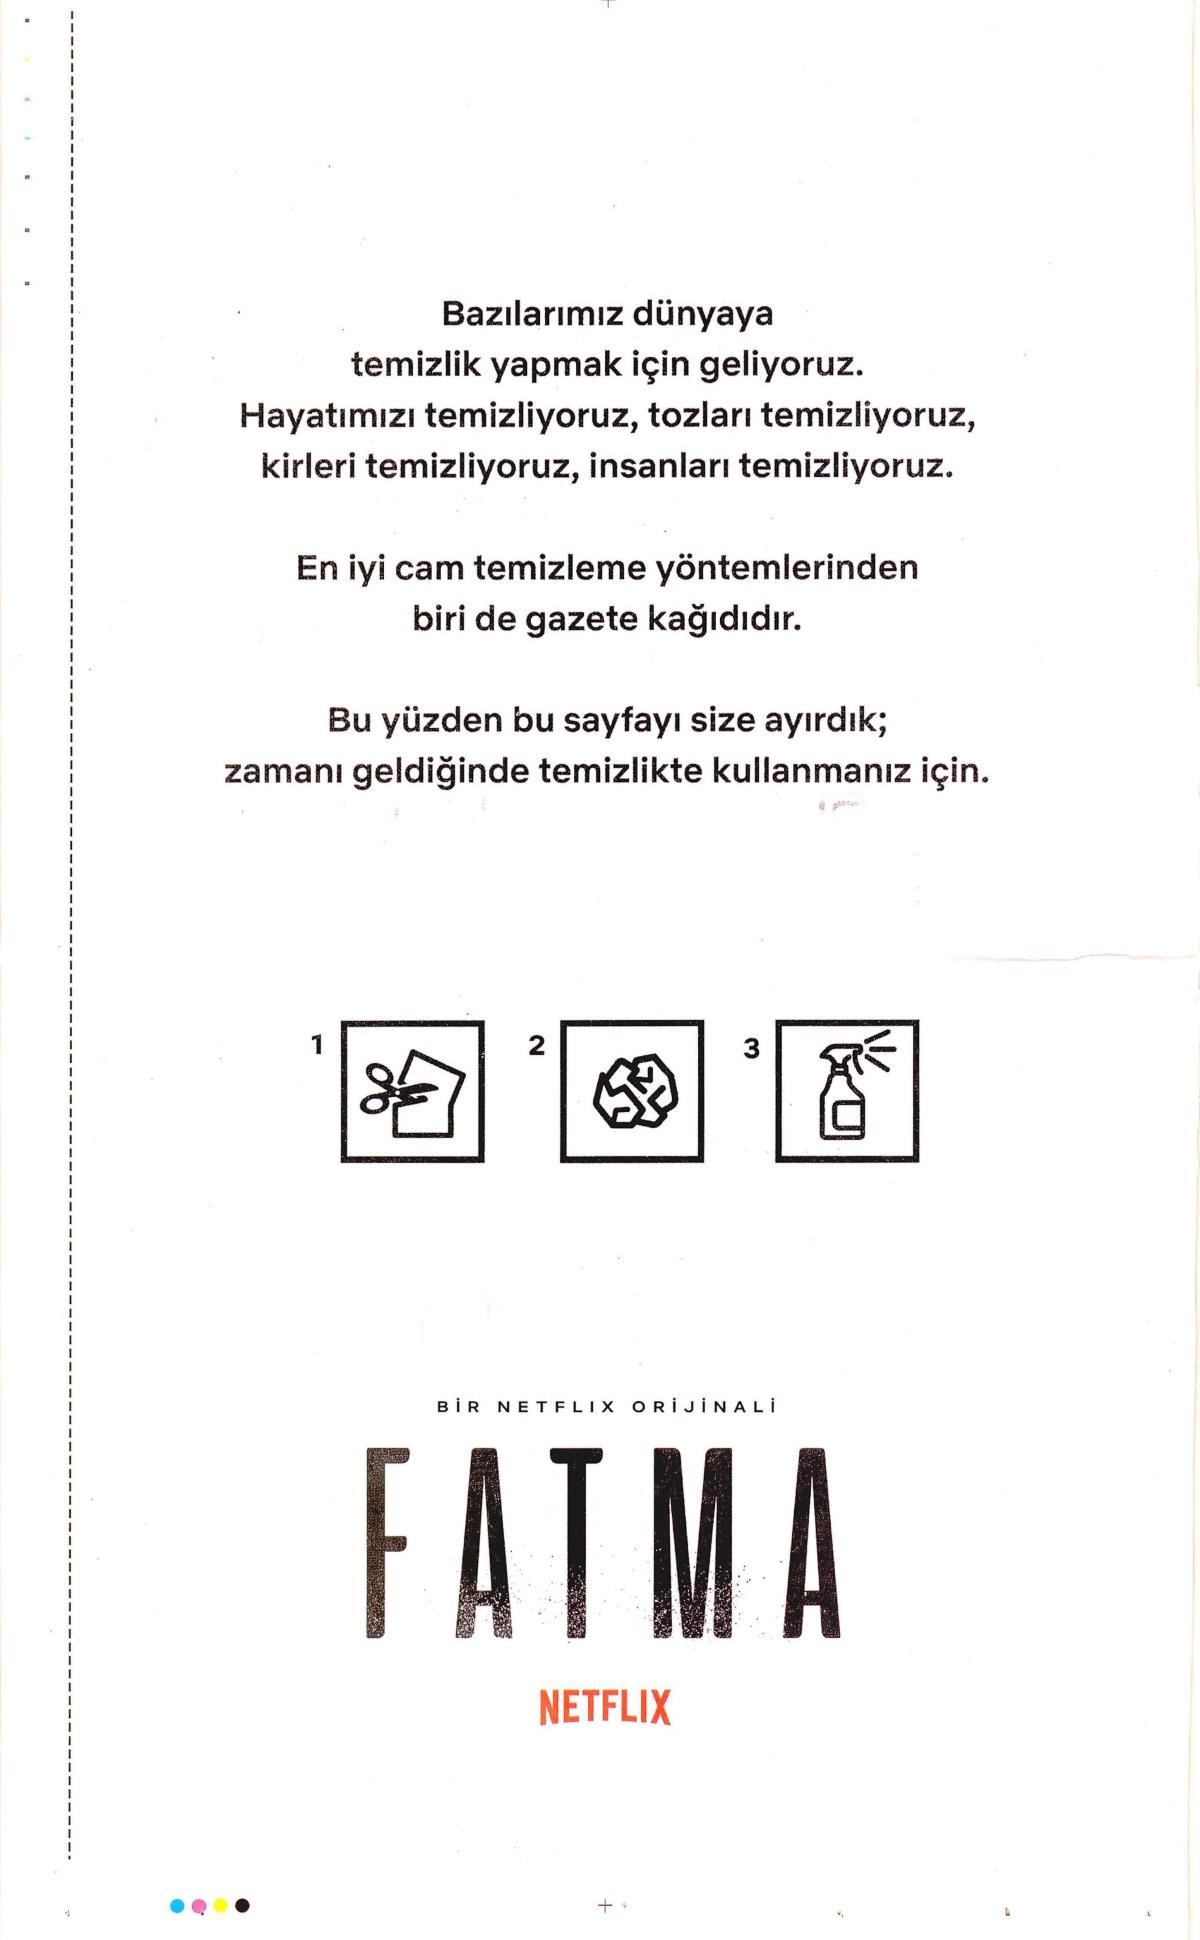 Fatma'nın ilanı tartışma yaratacak!